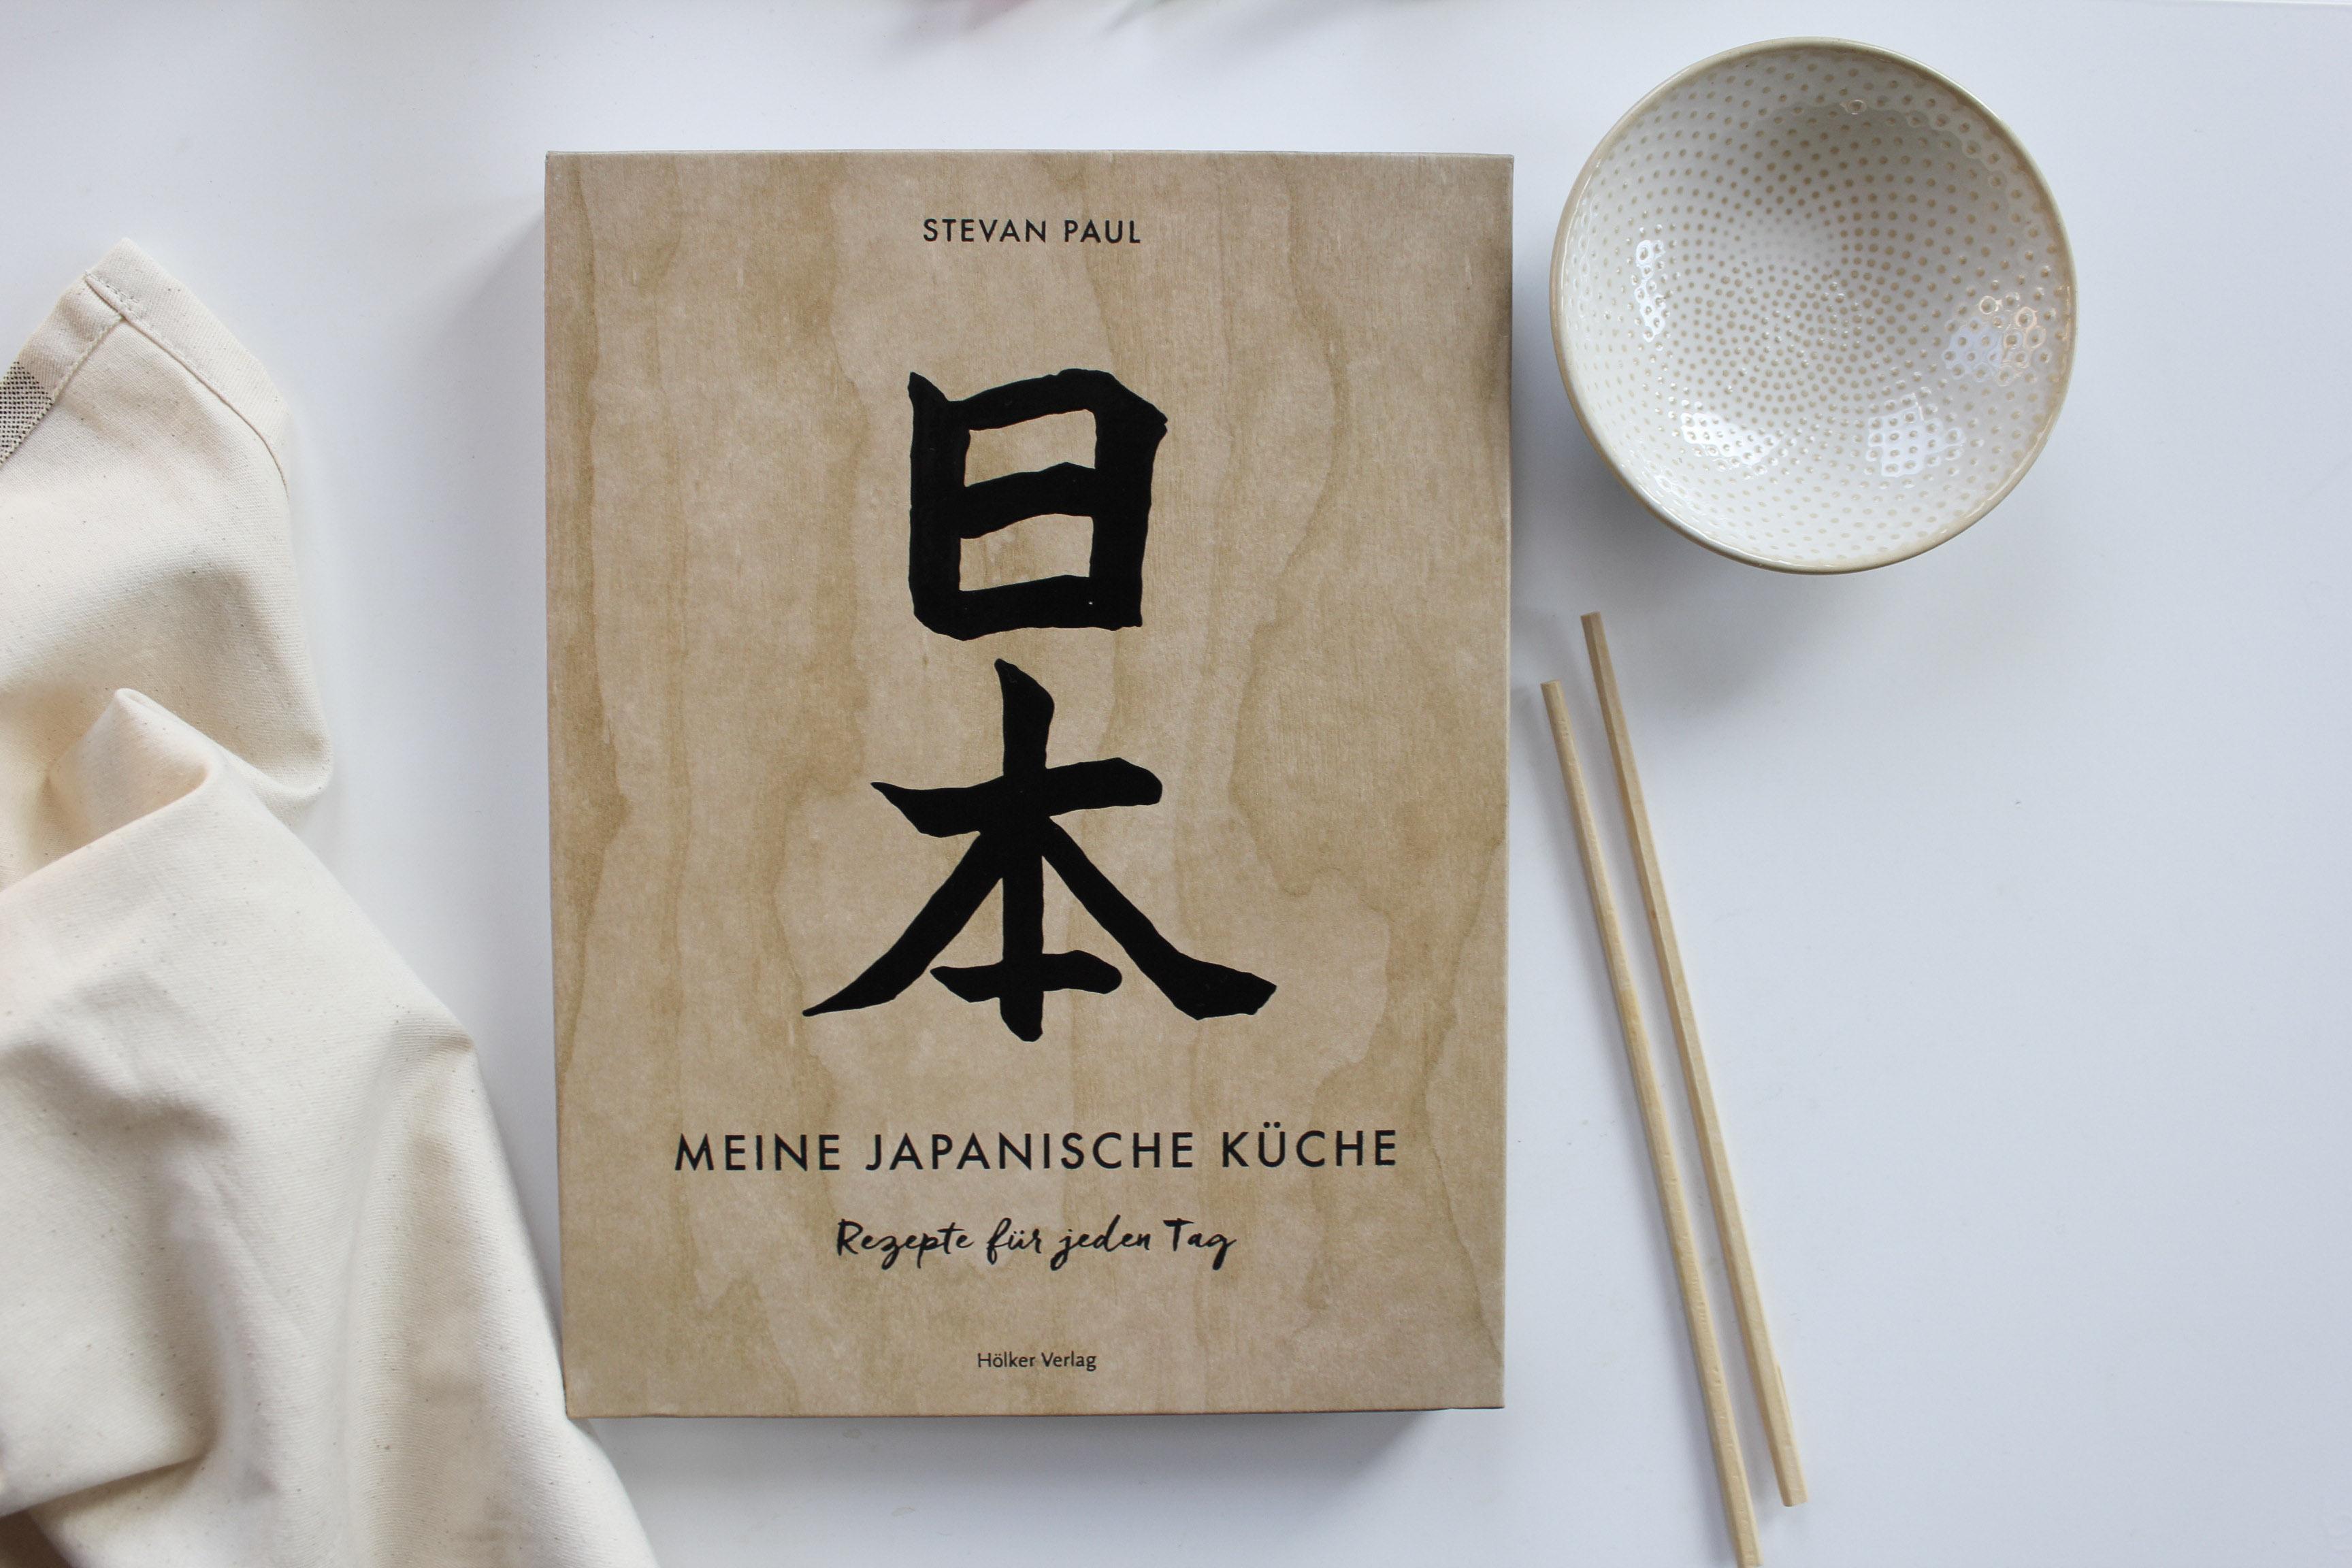 Meine japanische Küche\' von Stevan Paul - dieliebezudenbuechern.de